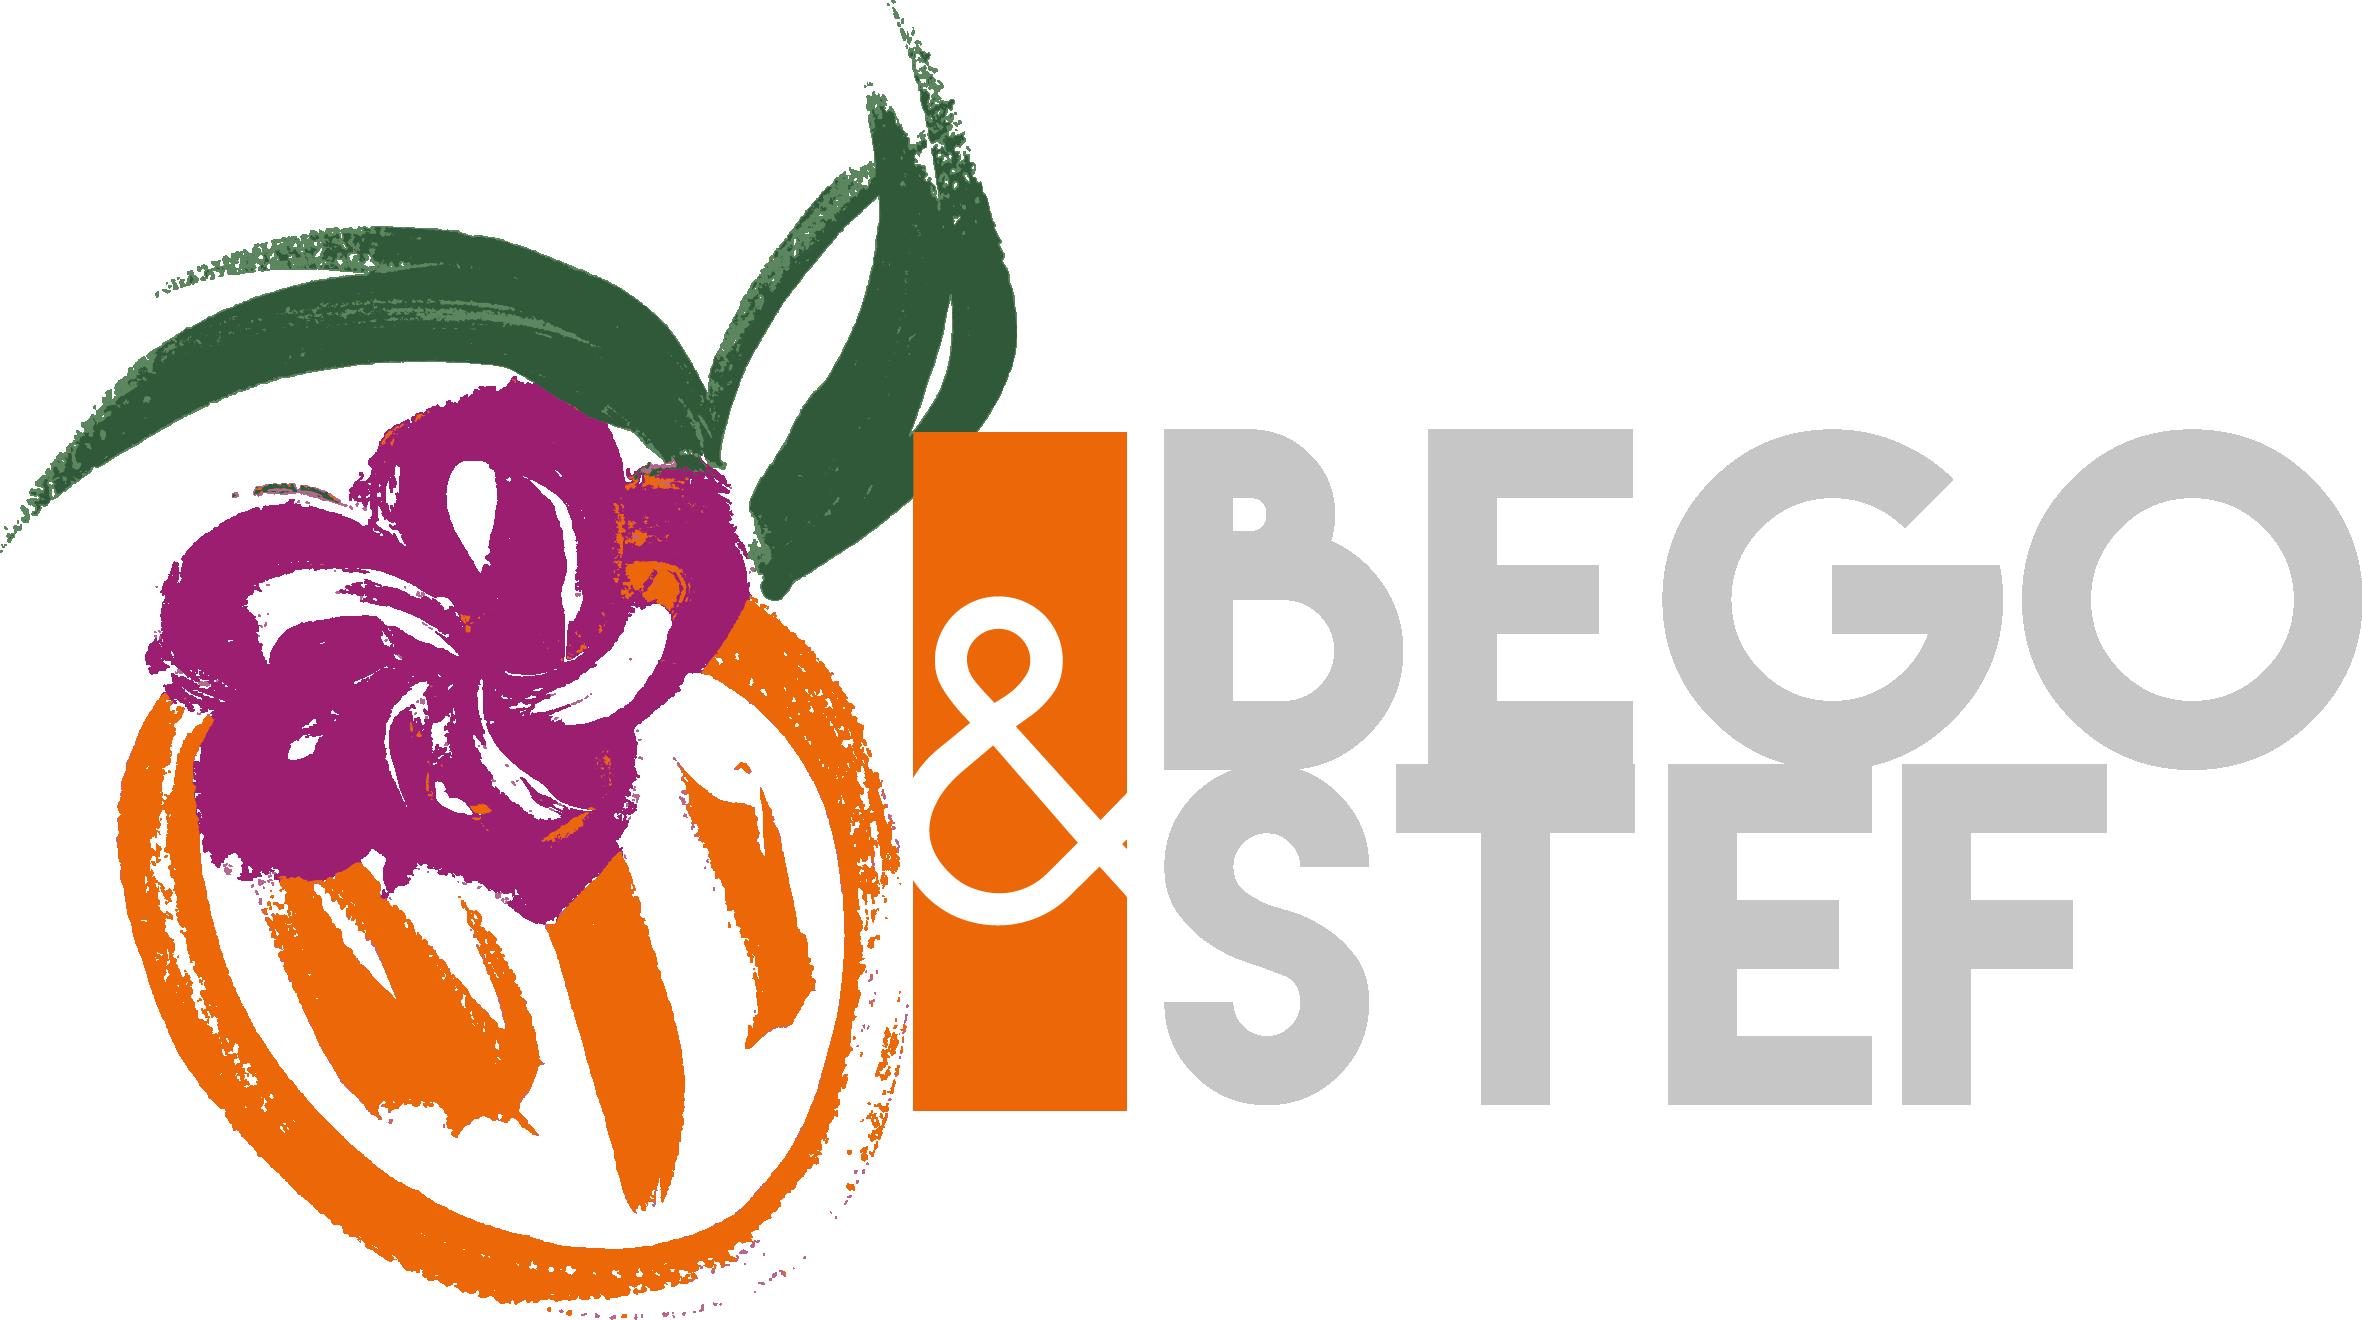 BEGO&STEF - L'Escale des Créateurs